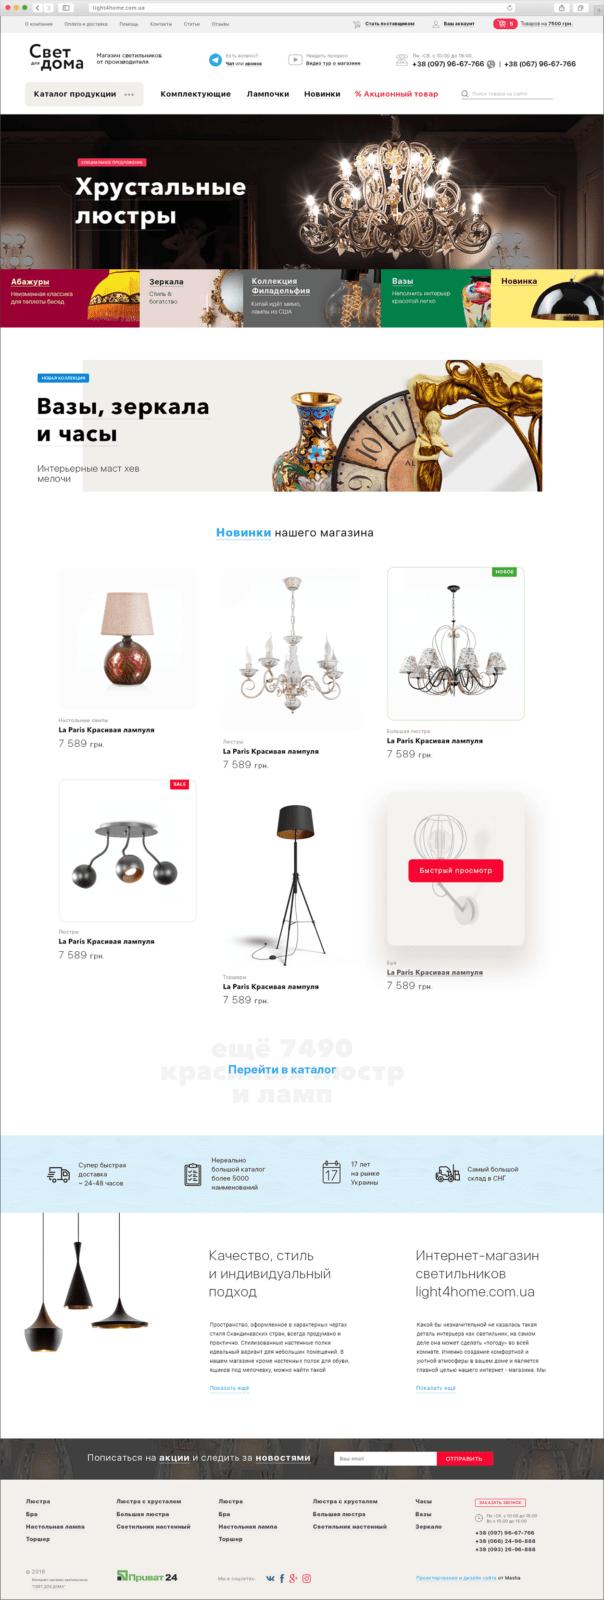 дизайн сайта интернет магазина светильников